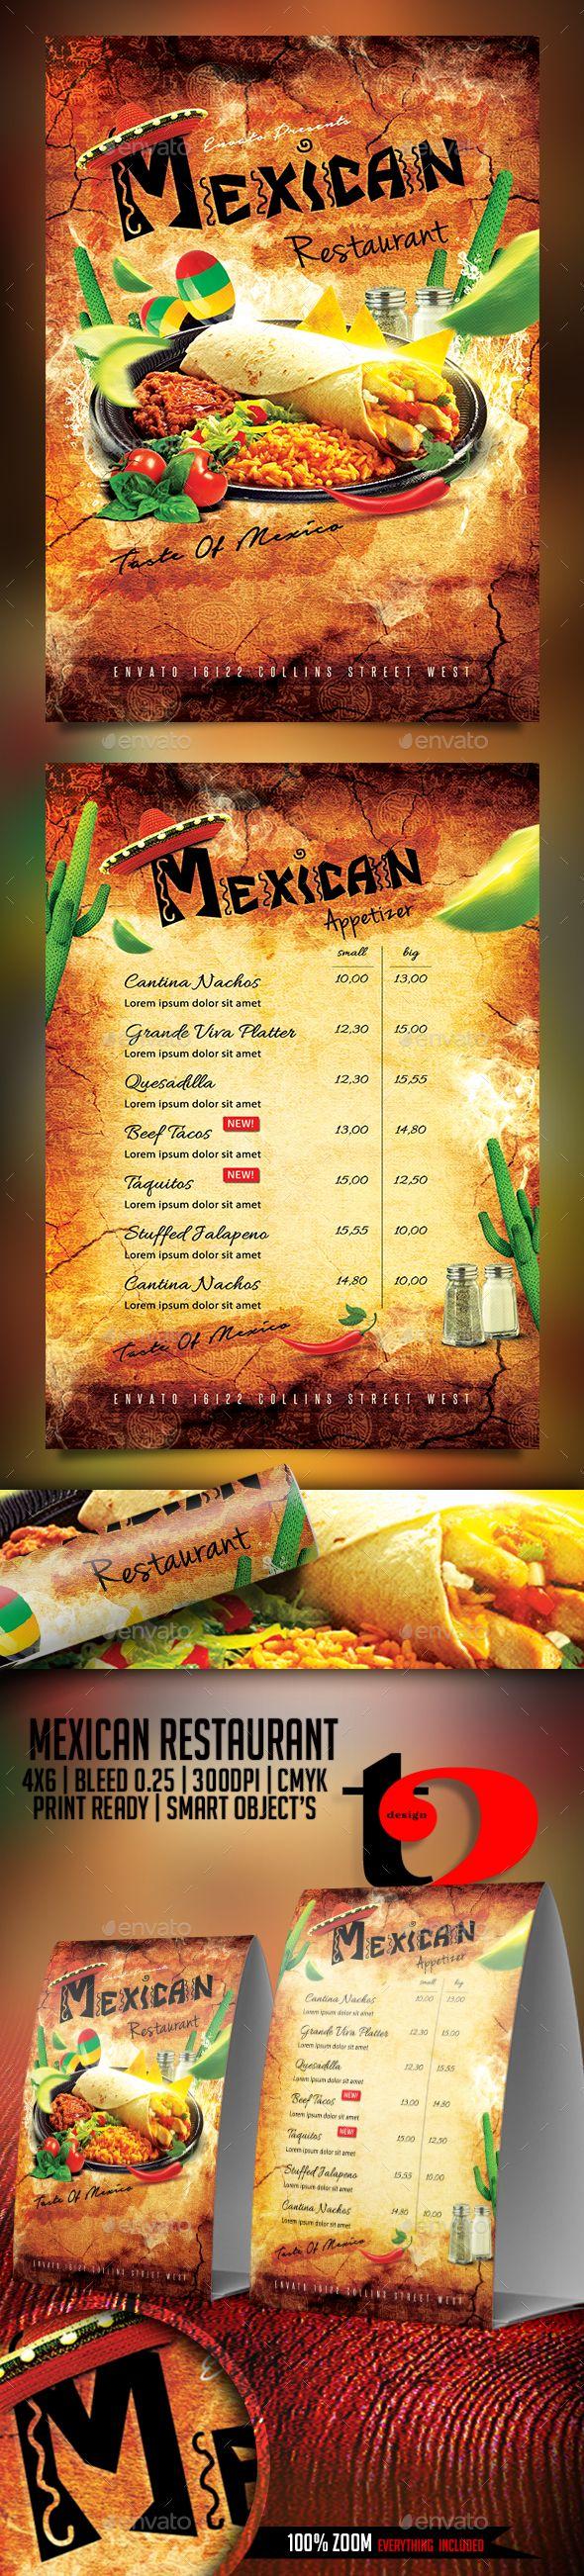 Mexican Restaurant Flyer Template | Pinterest | Restaurante ...